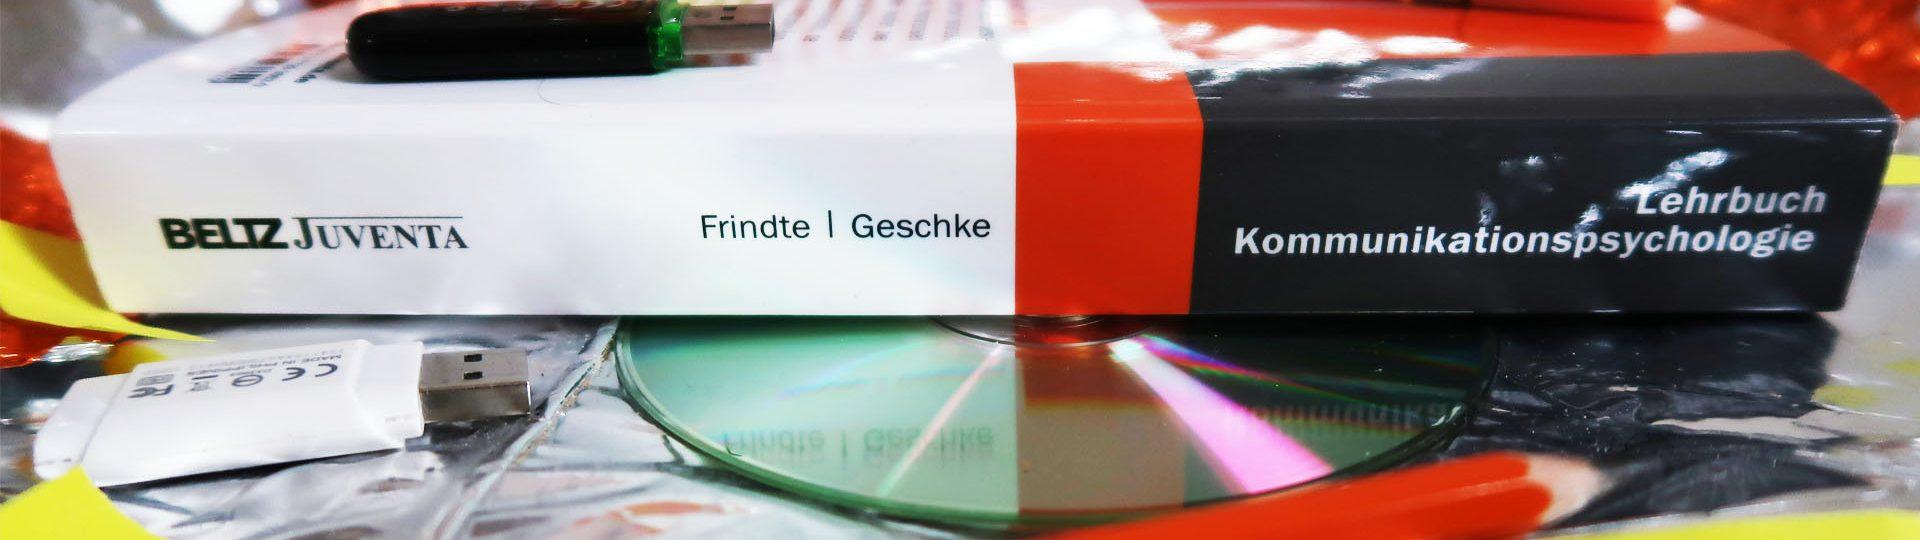 vielfalltag_bild2_Lehrbuch Kommunikationspsychologie_Frindte_Geschke